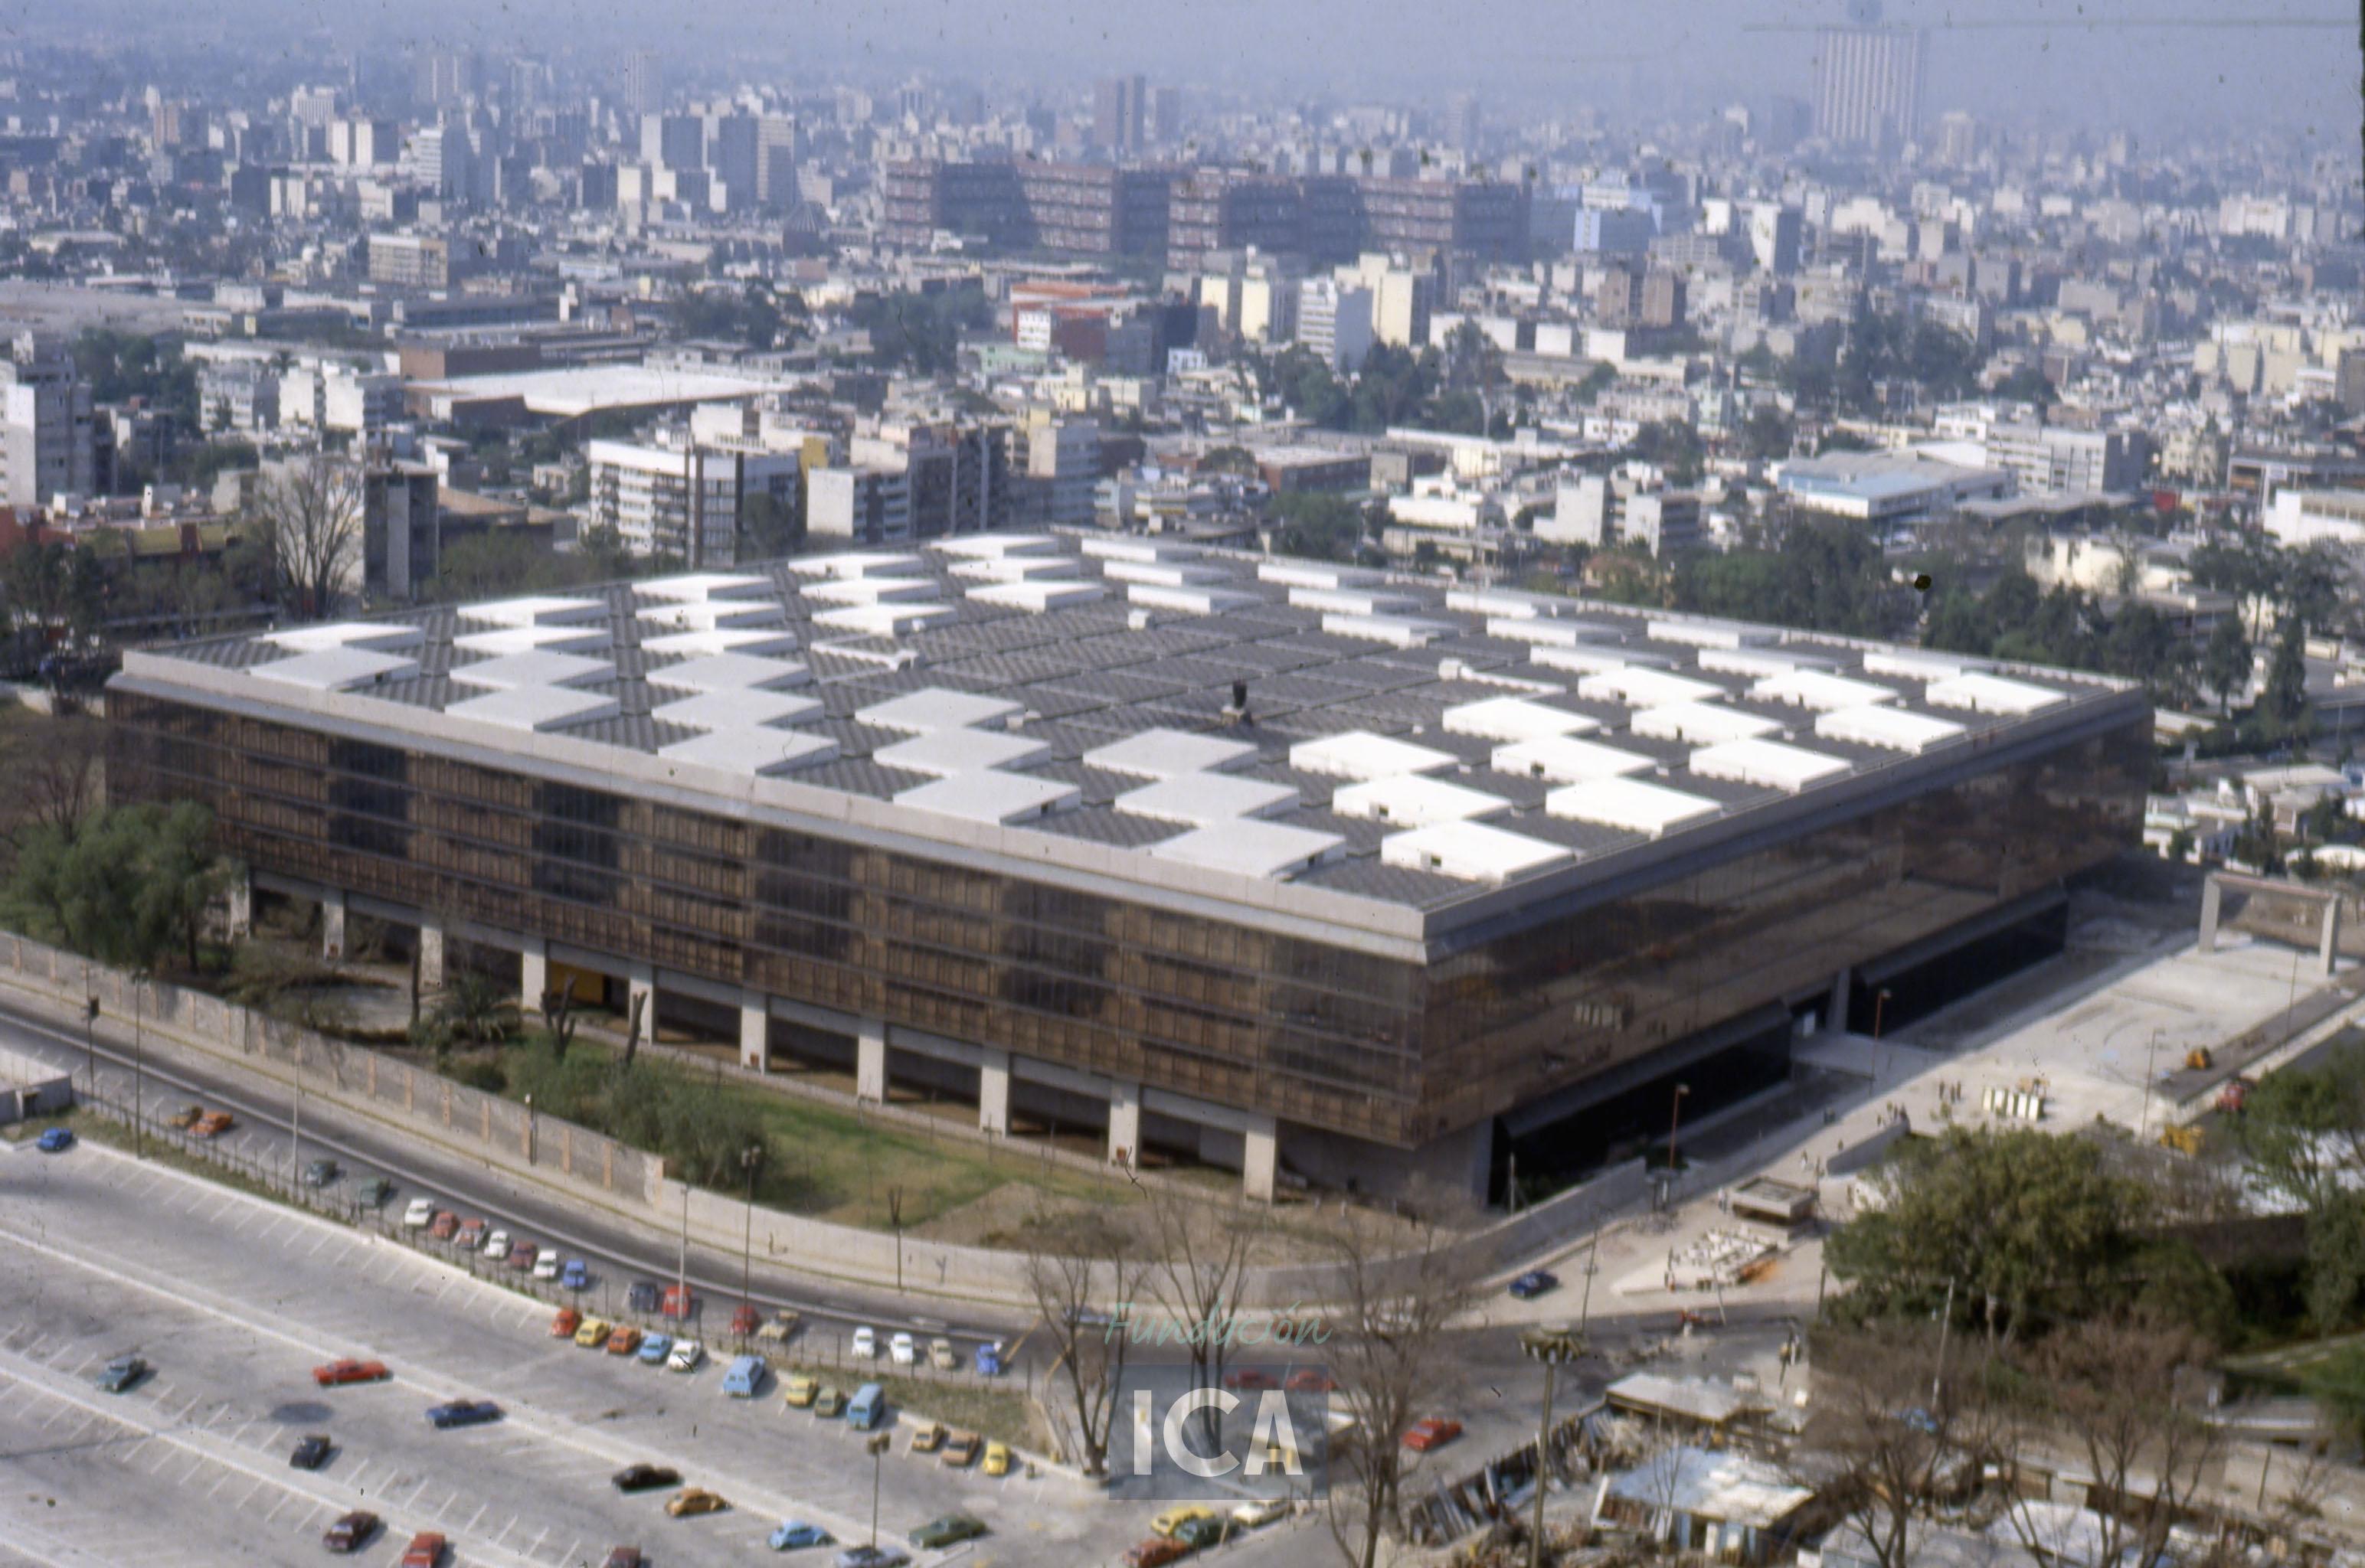 Colección ICA, Acervo Histórico Fundación ICA2